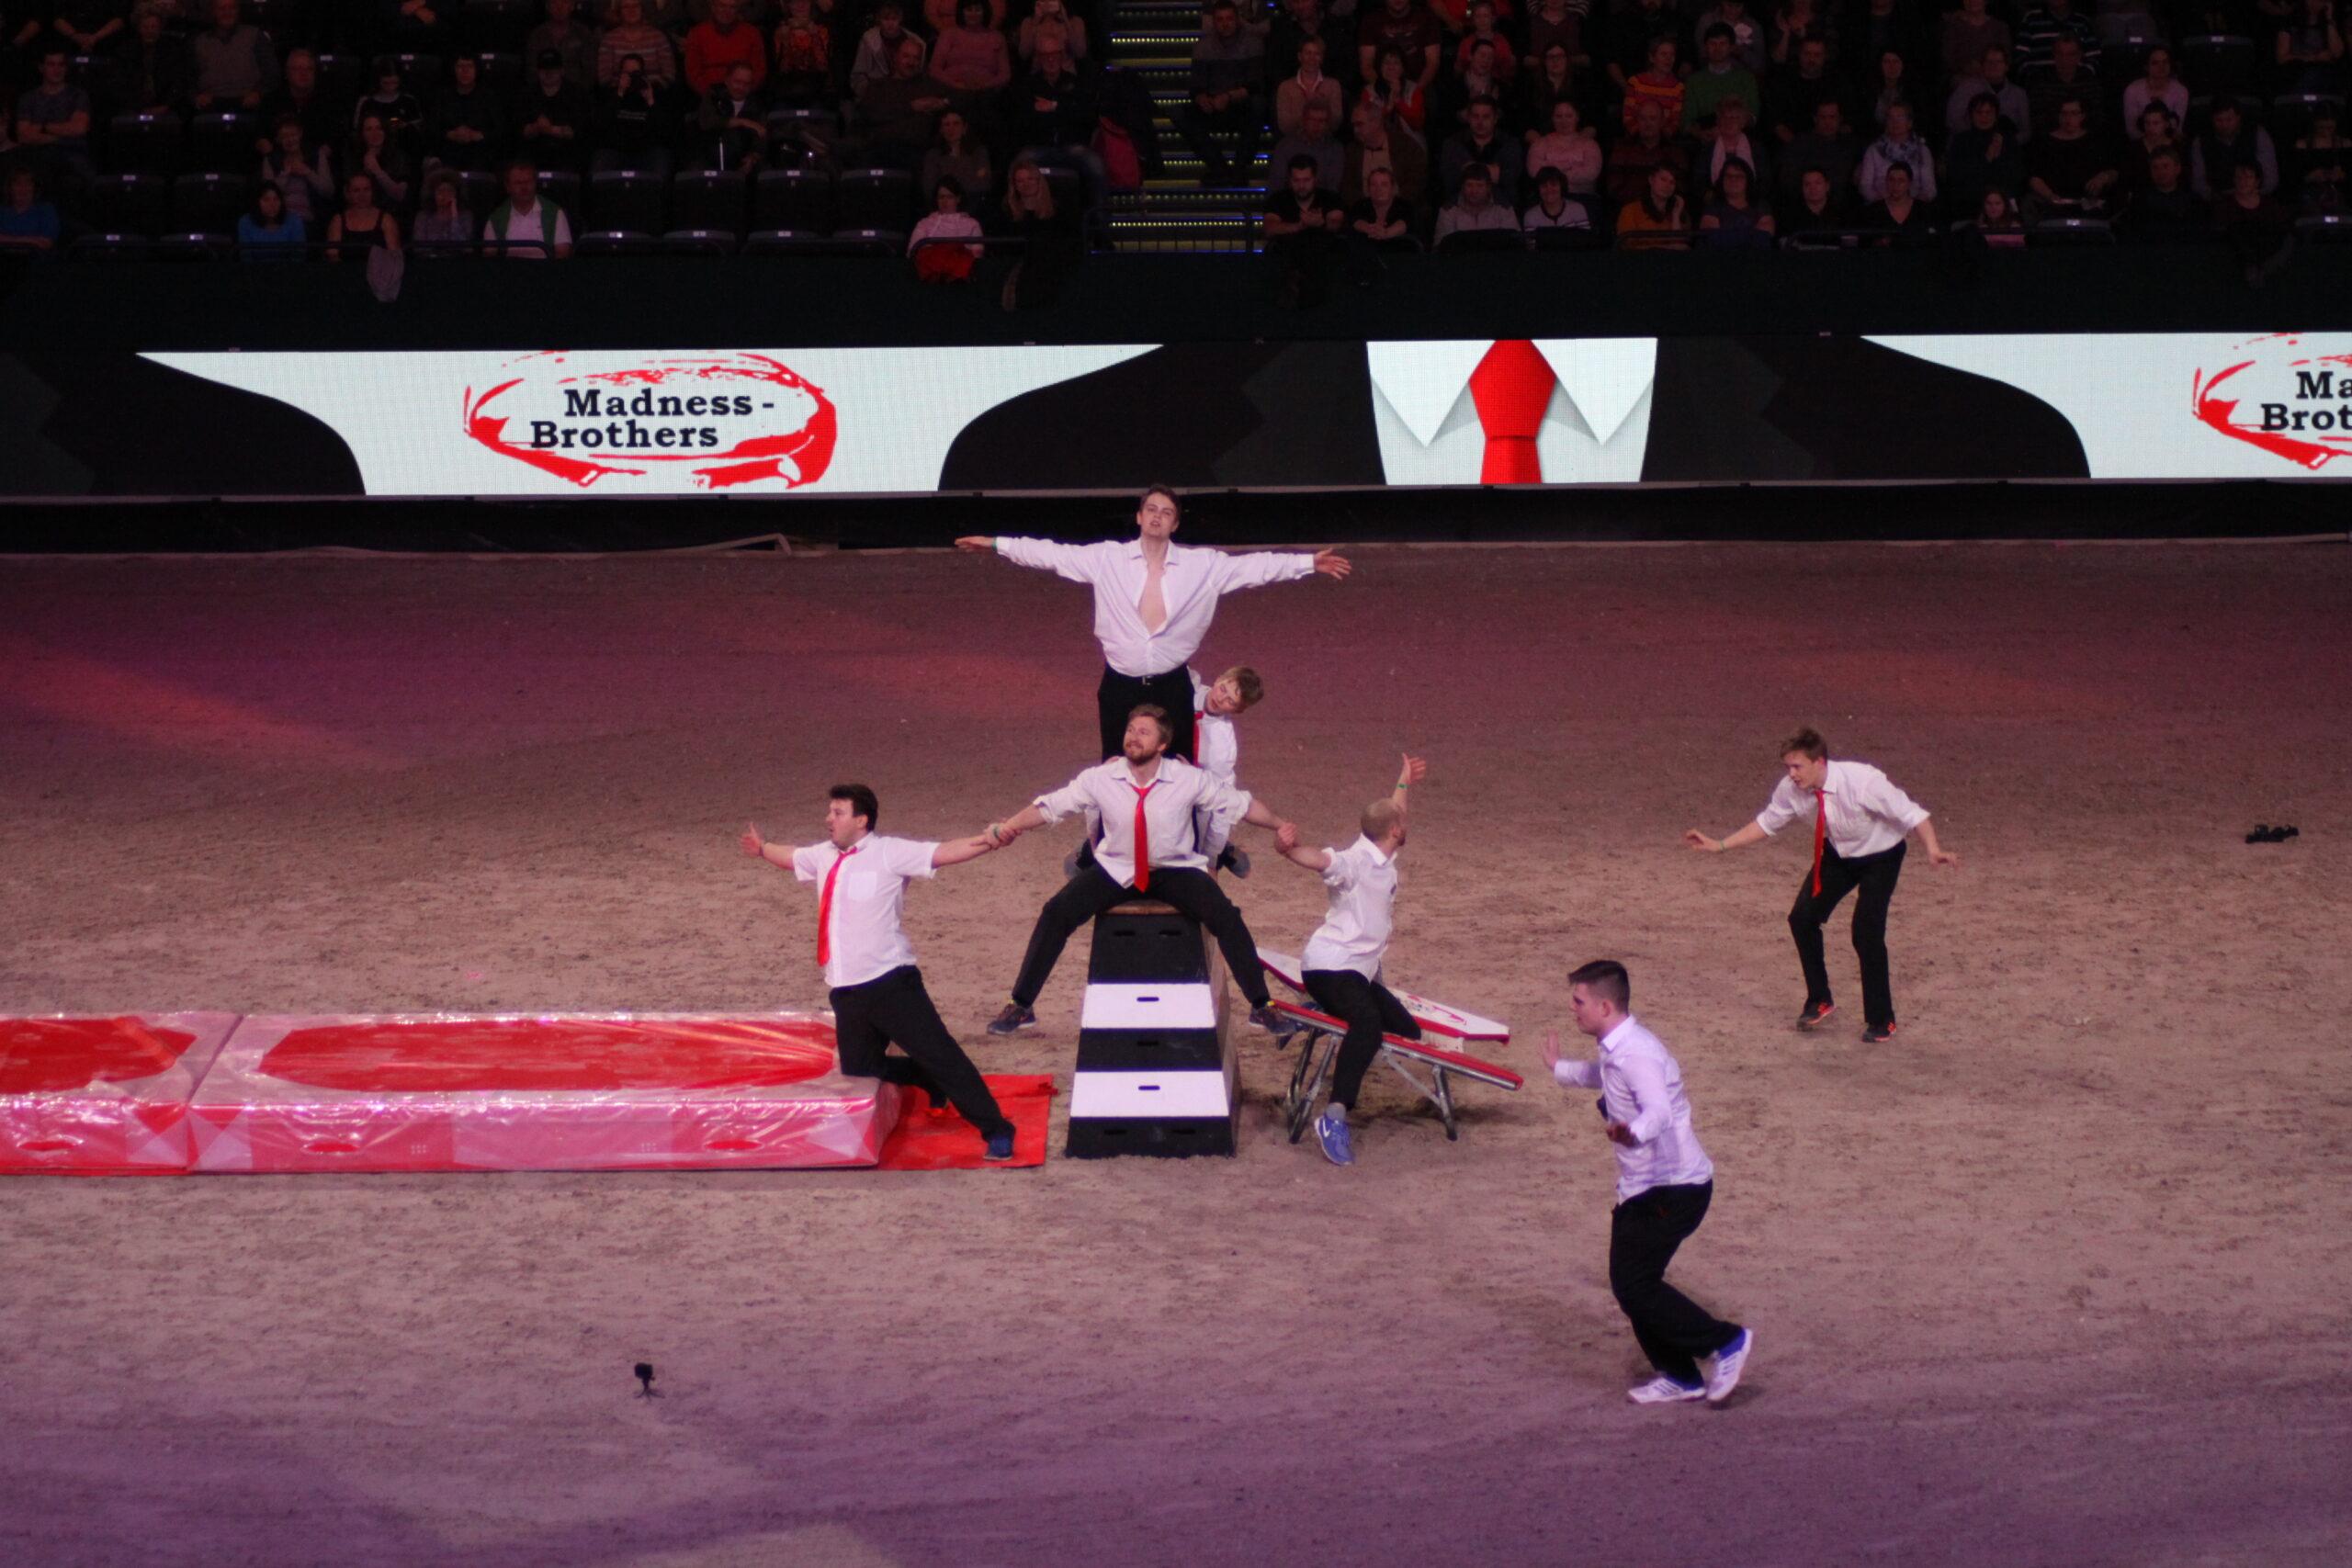 Sieben Männer in weißen Hemden und schwarzen Hosen posieren in einer großen Manege. Sie strecken die Arme aus und und bilden eine Art menschliche Pyramide, Foto: Kati Lomb.